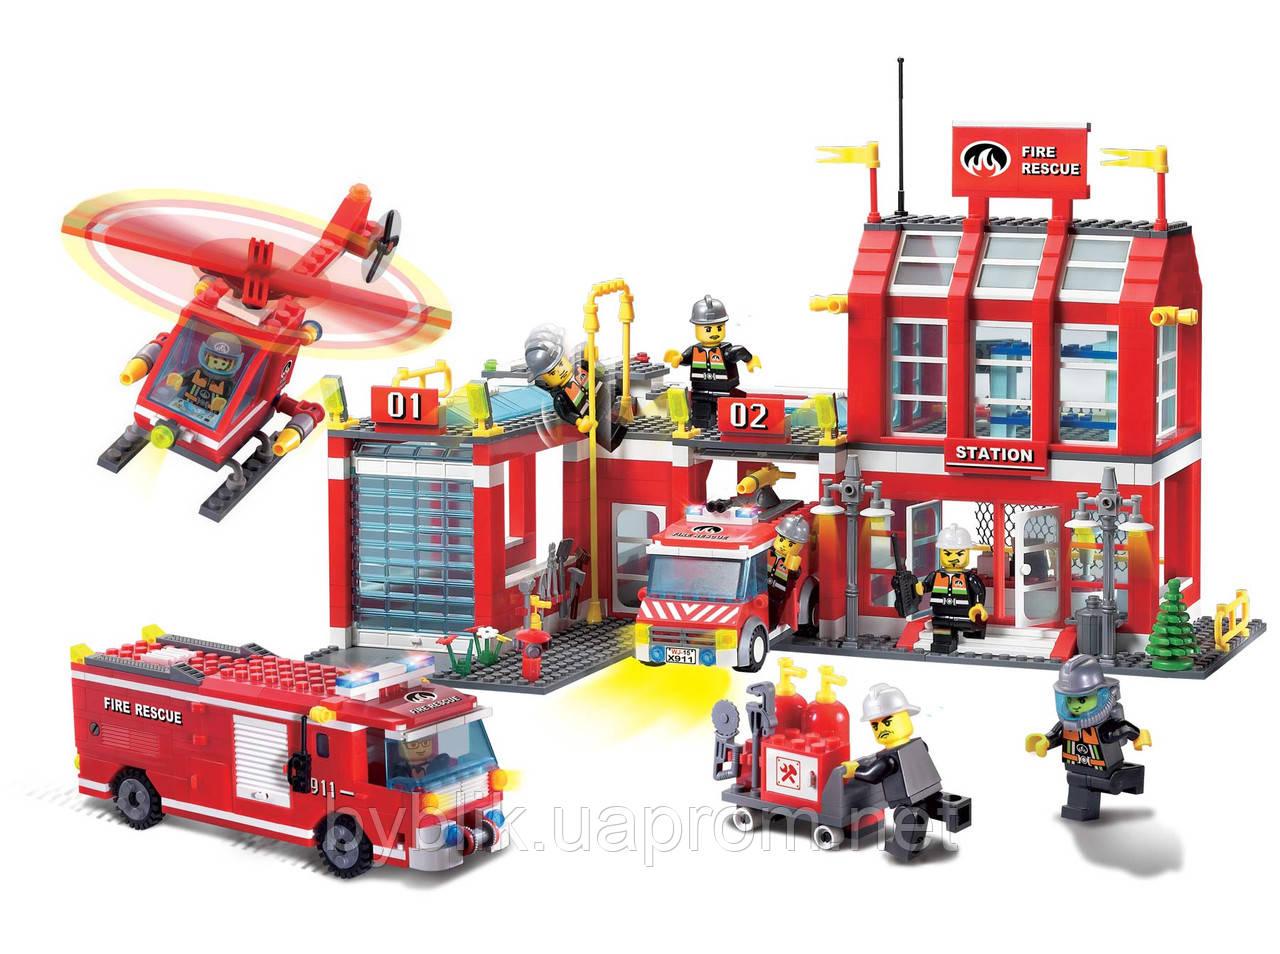 лего fire rescue 905 схема